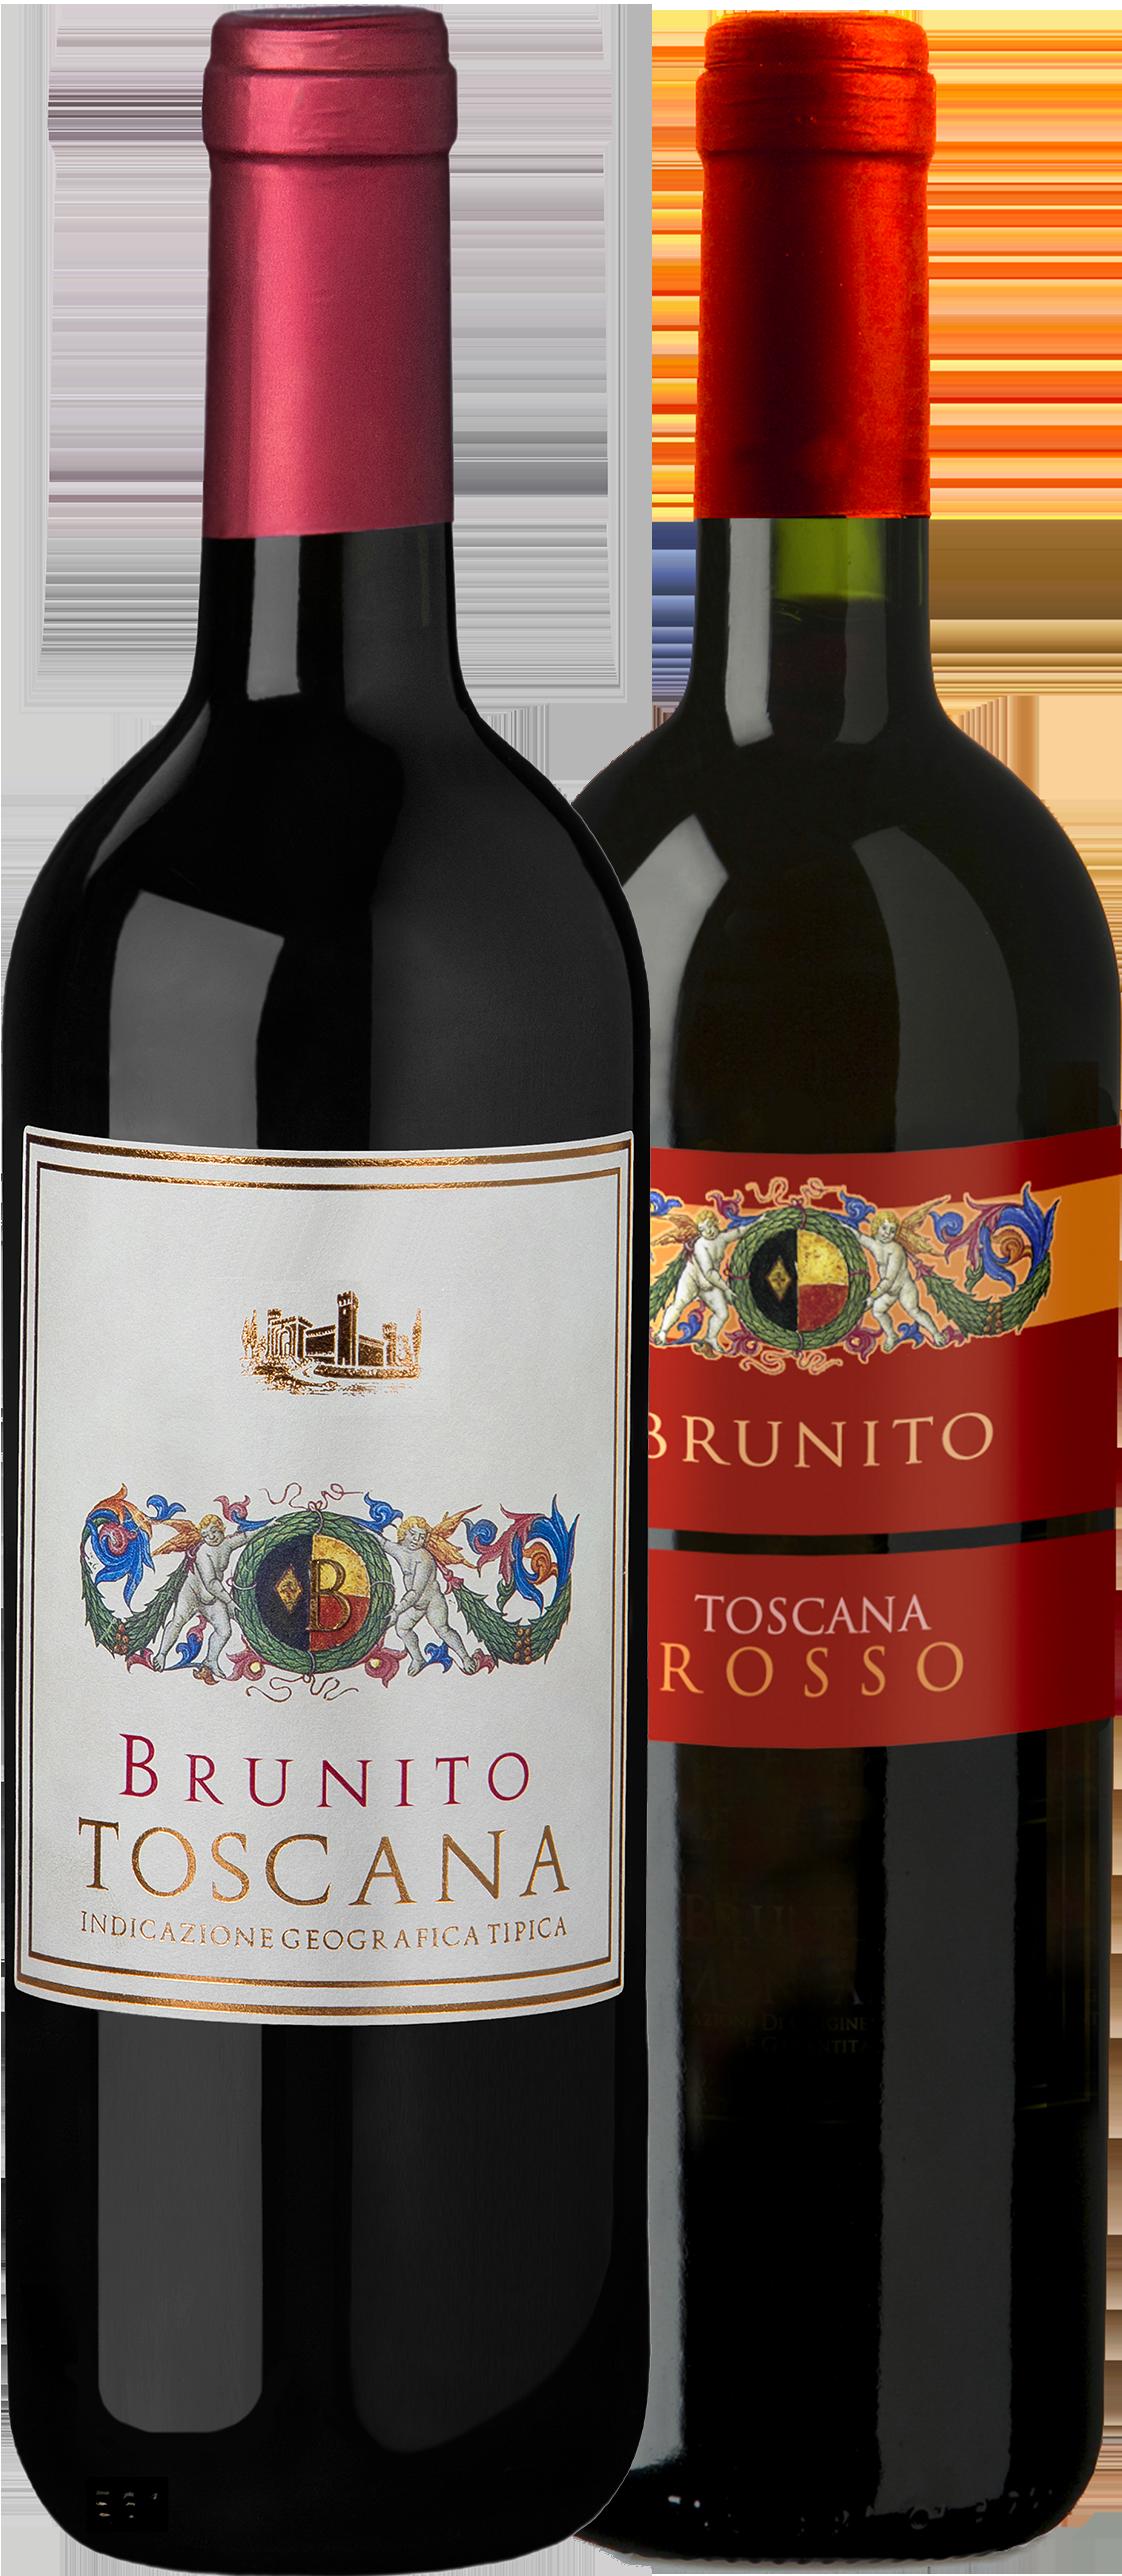 Brunito-Rosso-beide-Etikette